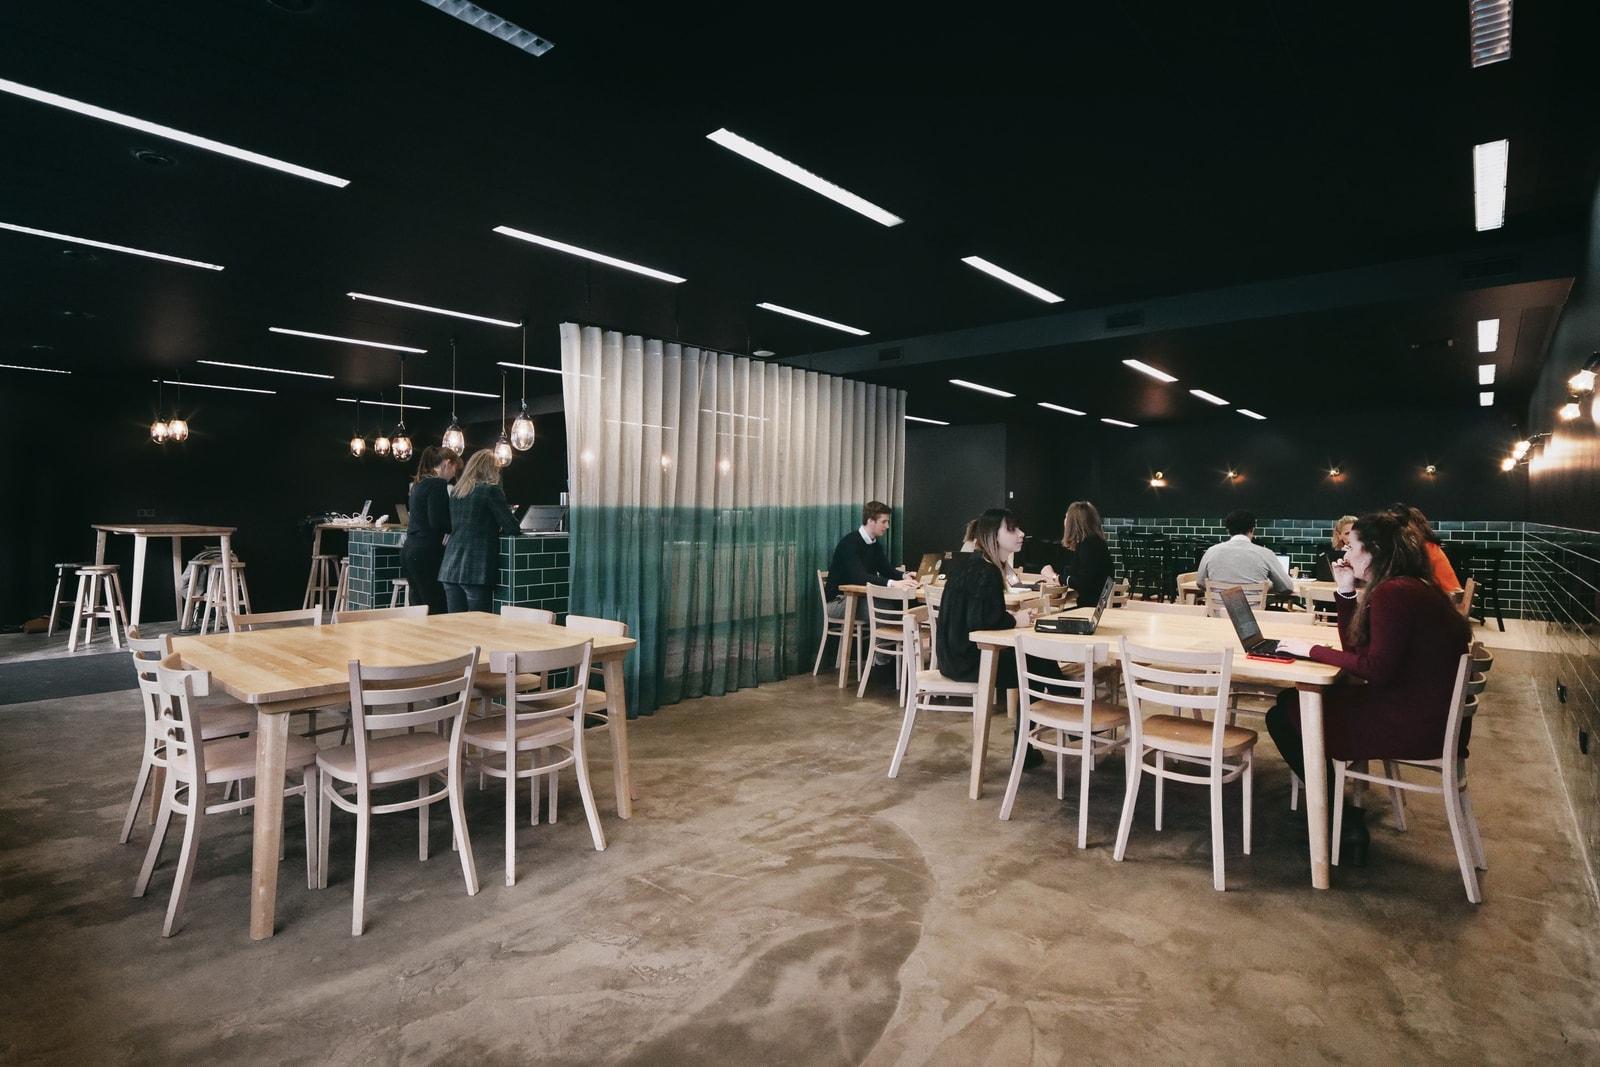 Gemeenschappelijke lunchruimte met diverse tafels